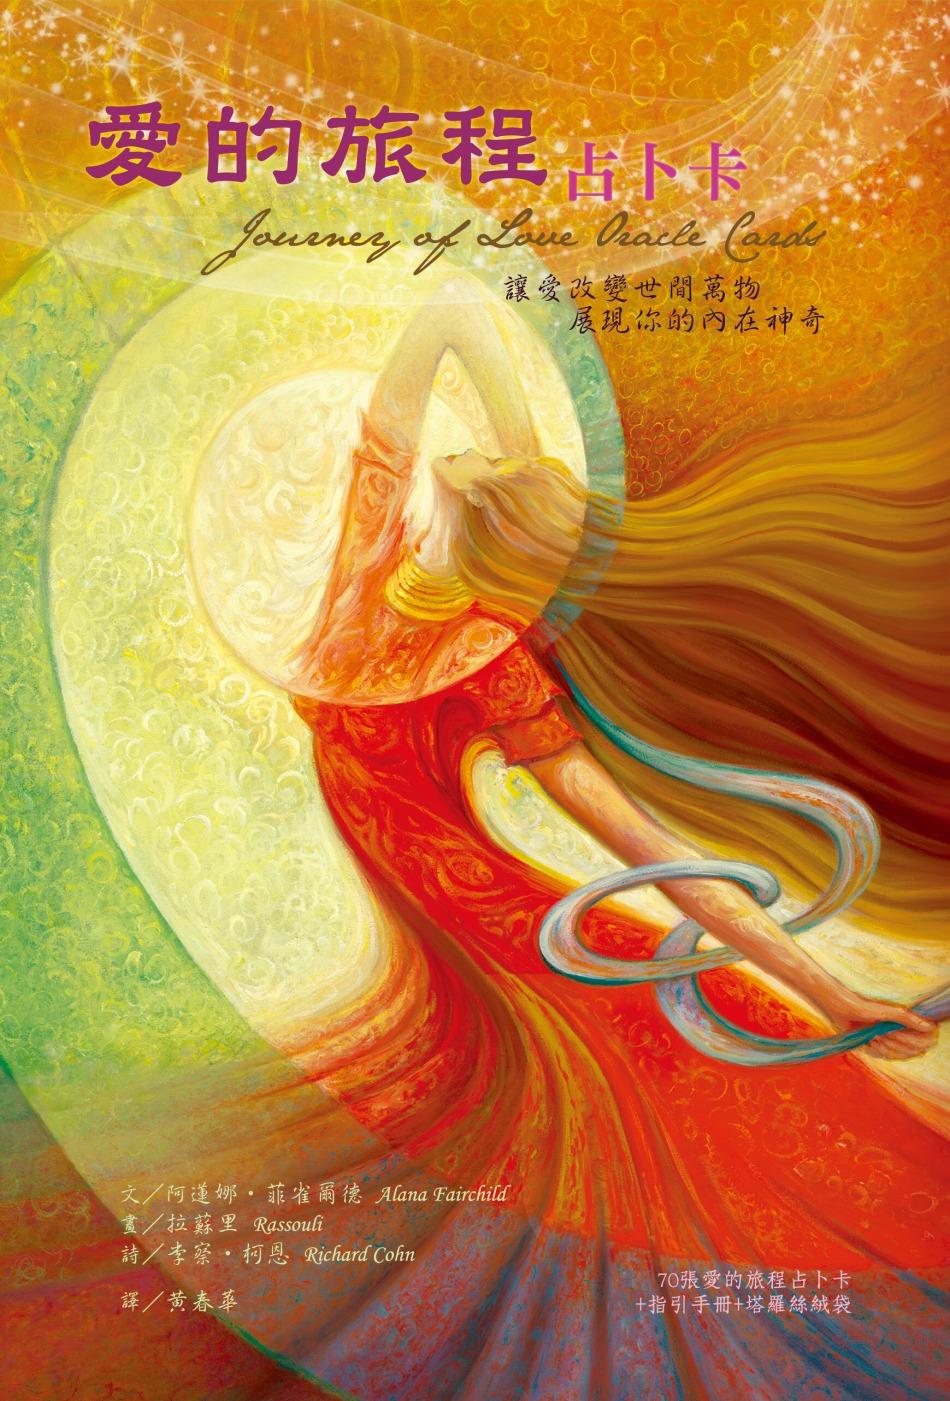 愛的旅程占卜卡:讓愛改變世間萬物 展現你的內在神奇